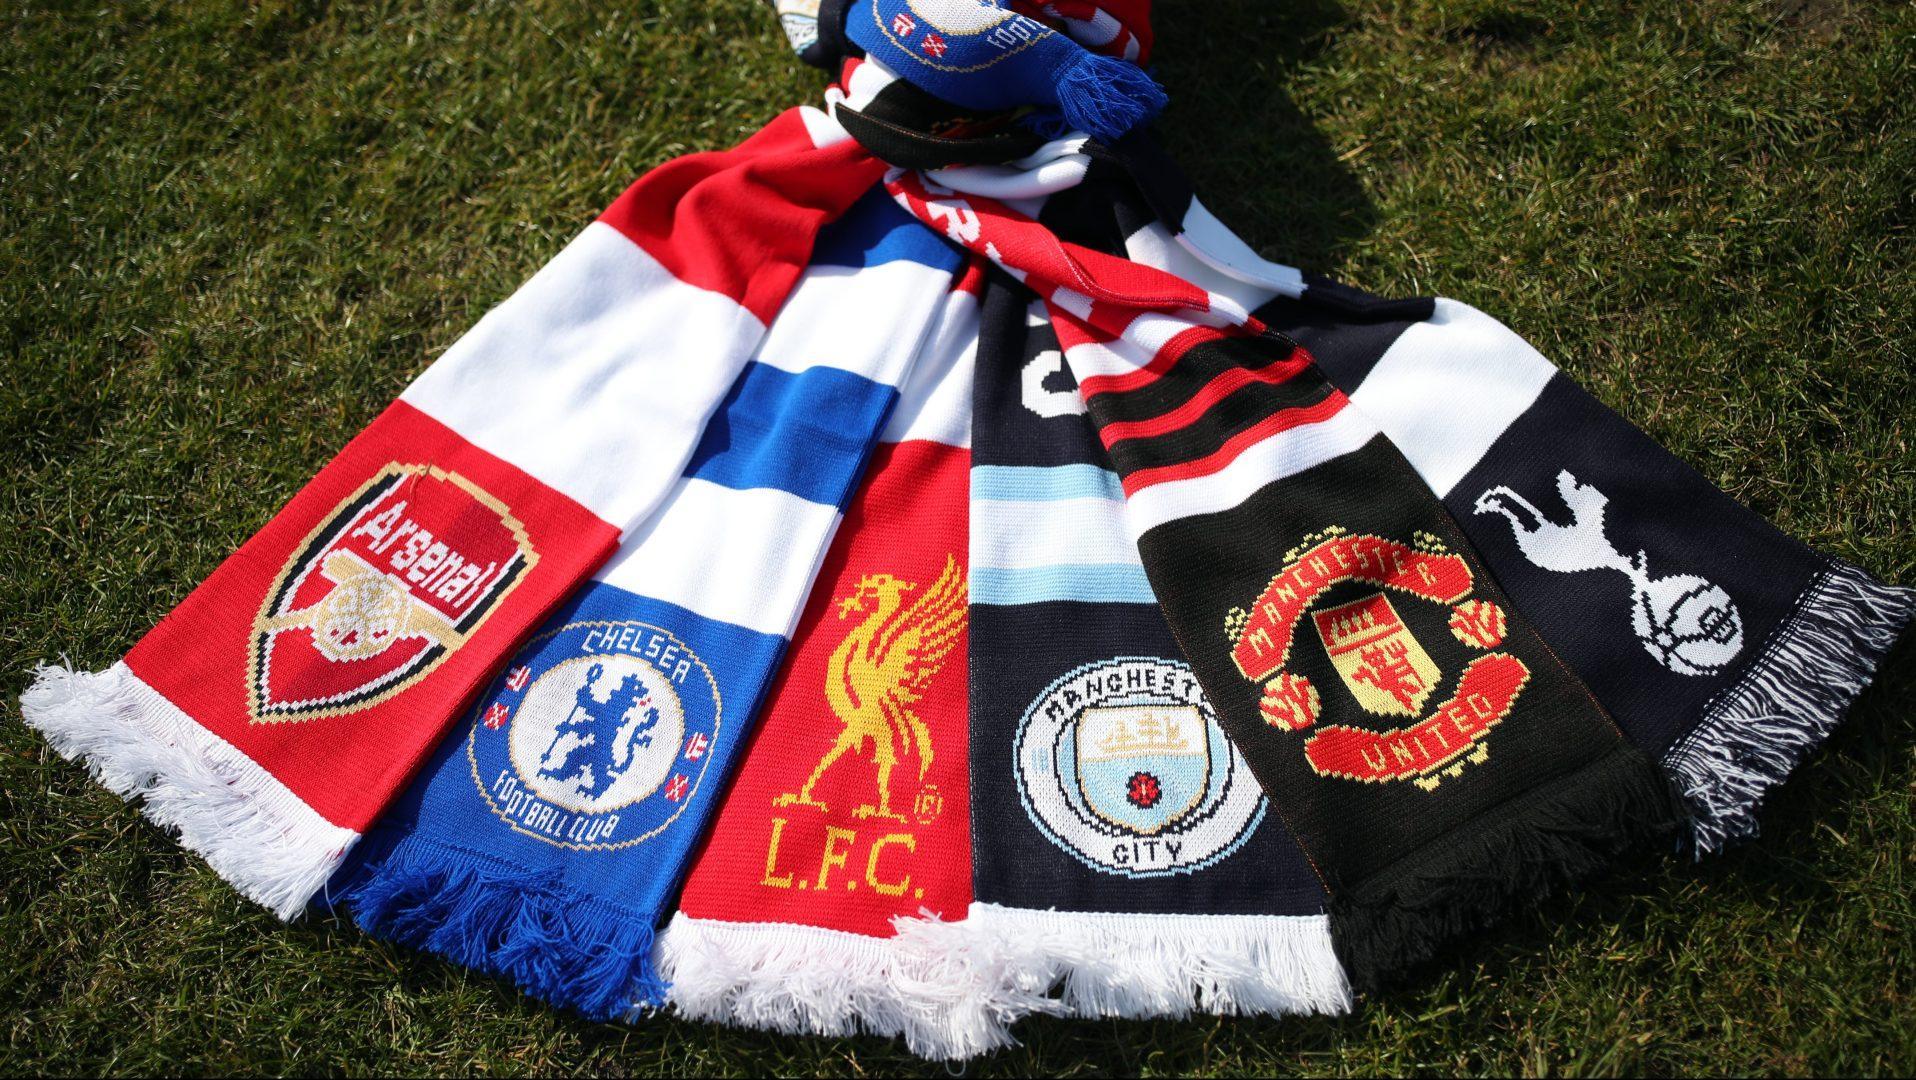 PL's 'big six' to split $31-million fine for Super League plot